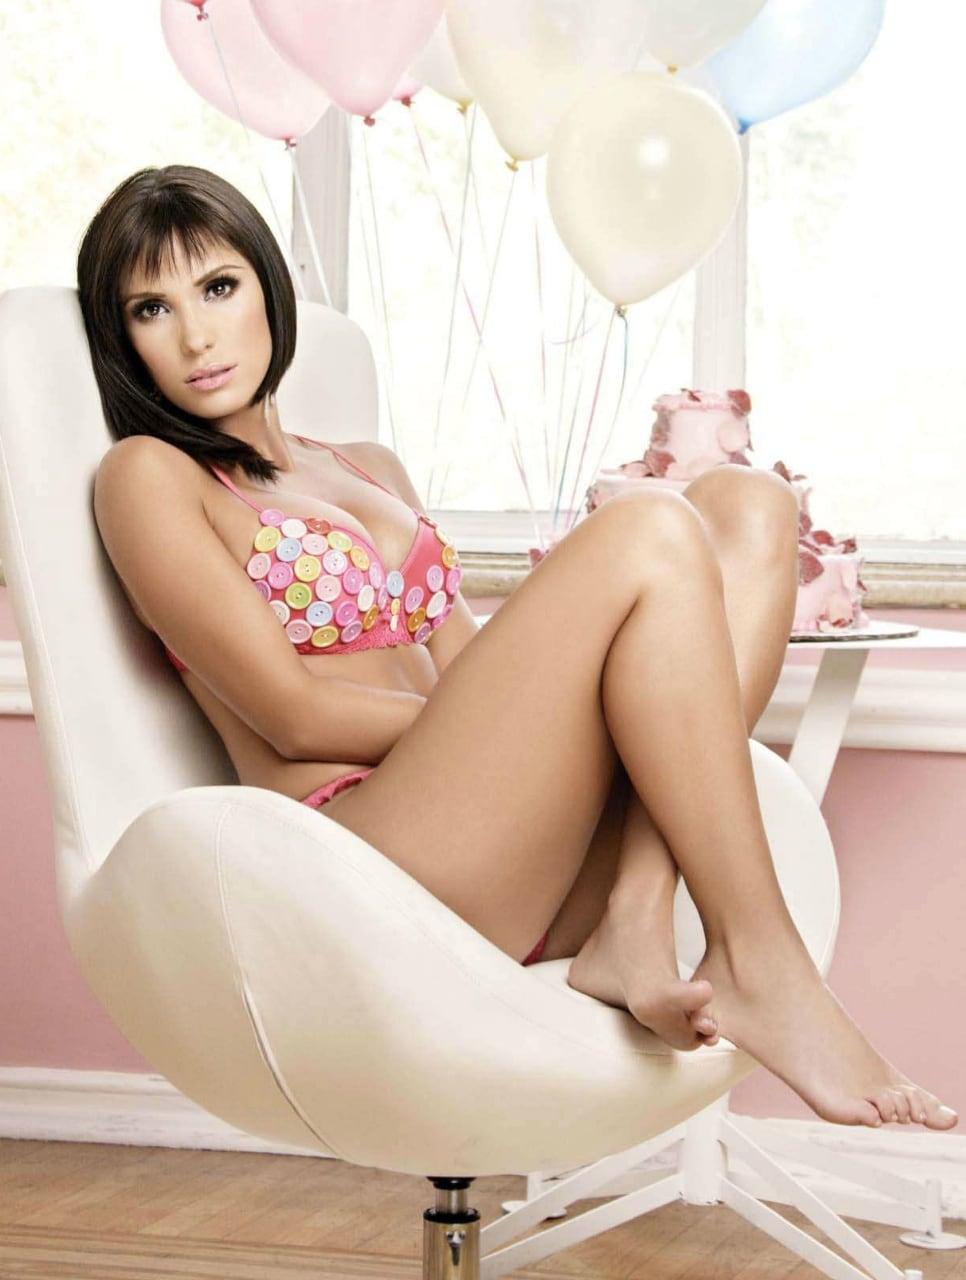 Andrea Escalona Desnuda picture of andrea escalona gallery-234 | my hotz pic